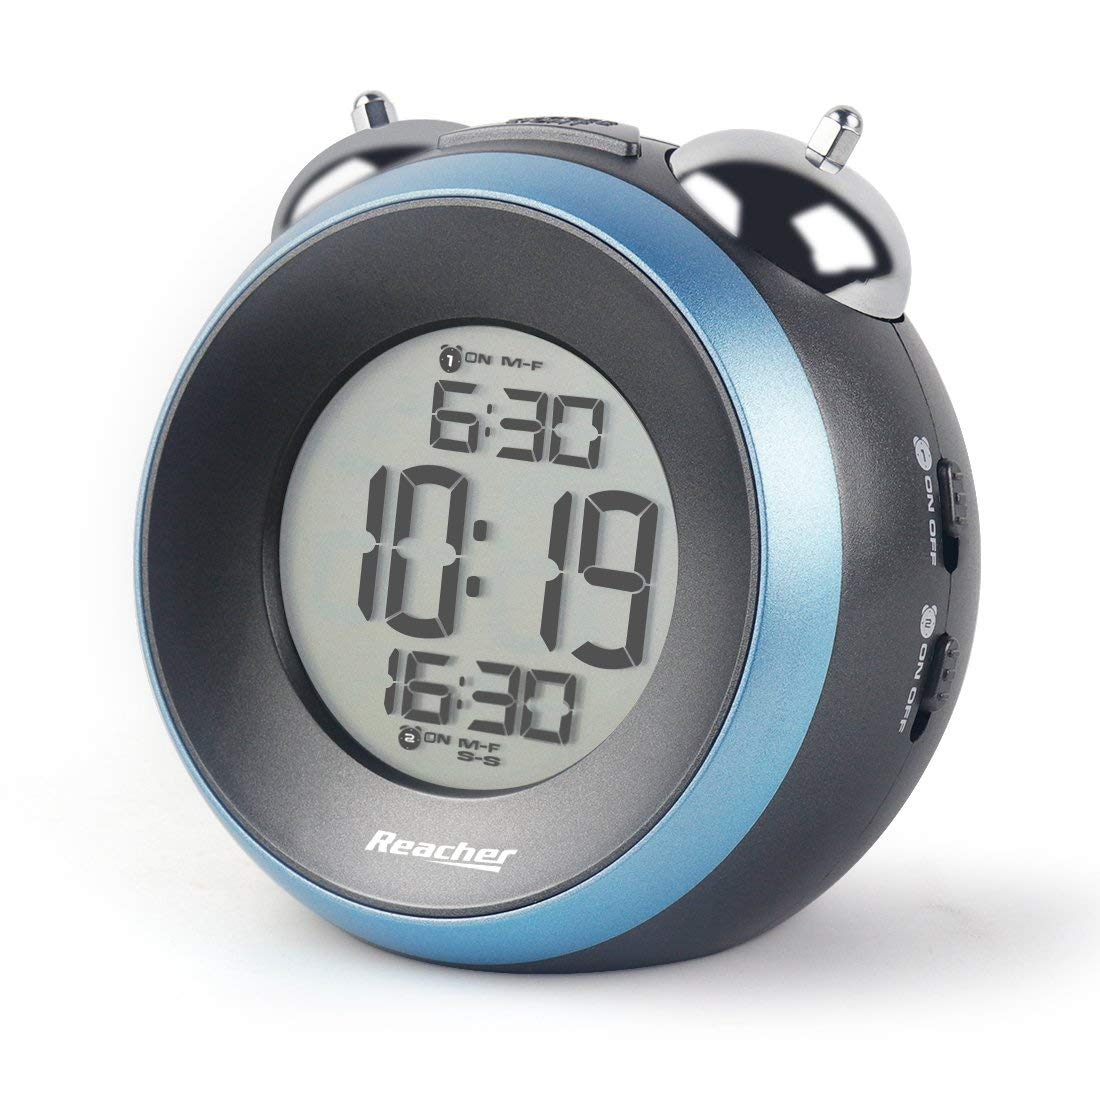 Reacher alarm for heavy sleepers